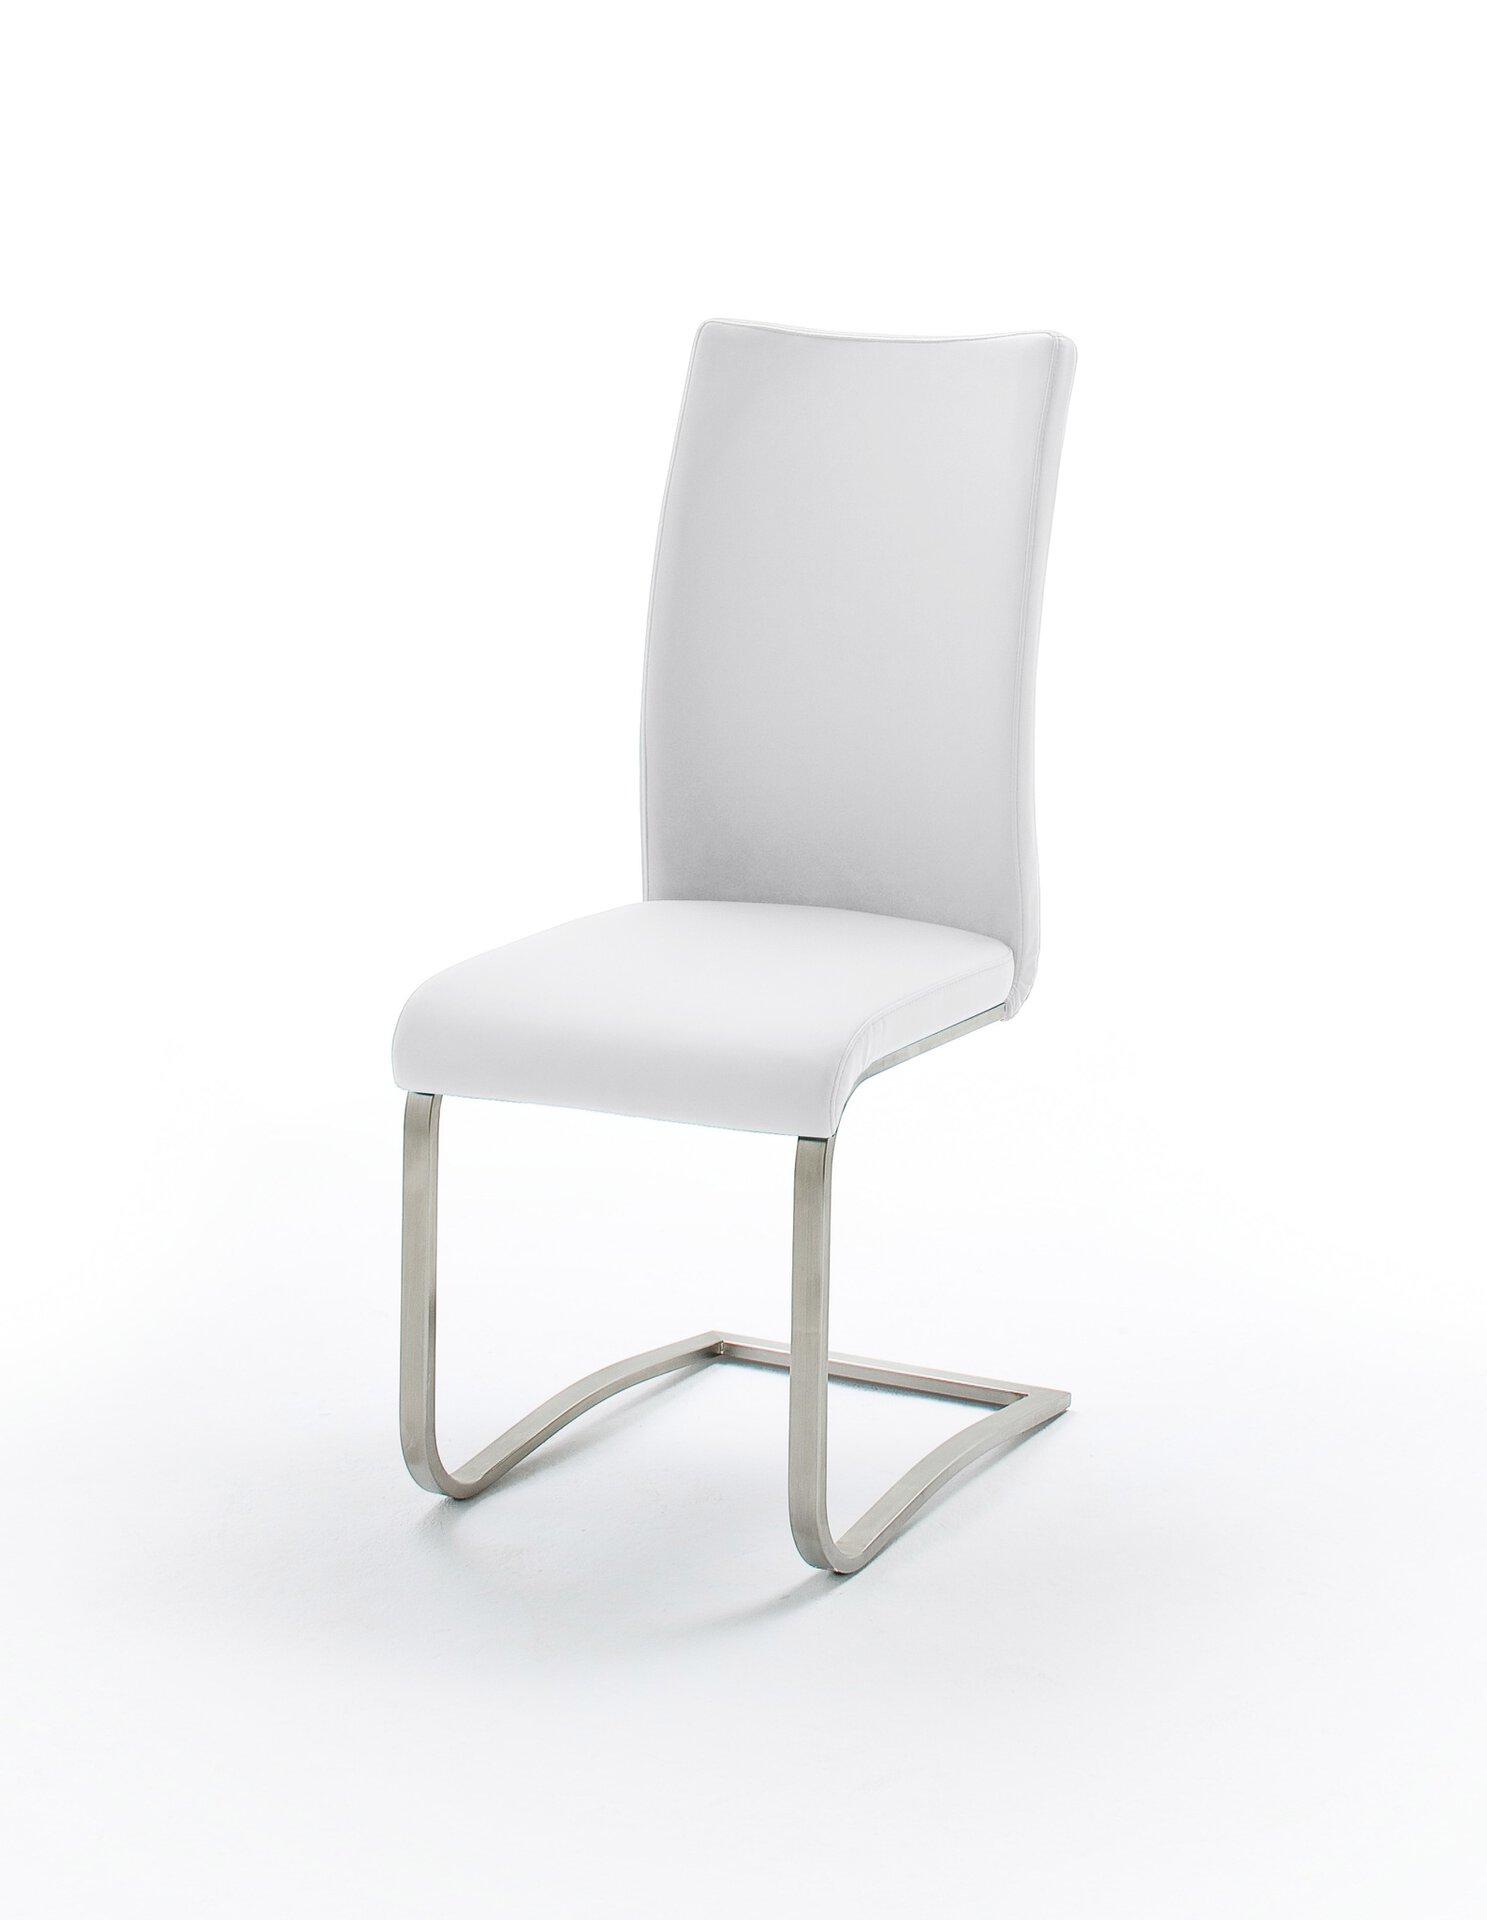 Freischwingerstuhl ARCO2 MCA furniture Textil mehrfarbig 52 x 103 x 43 cm